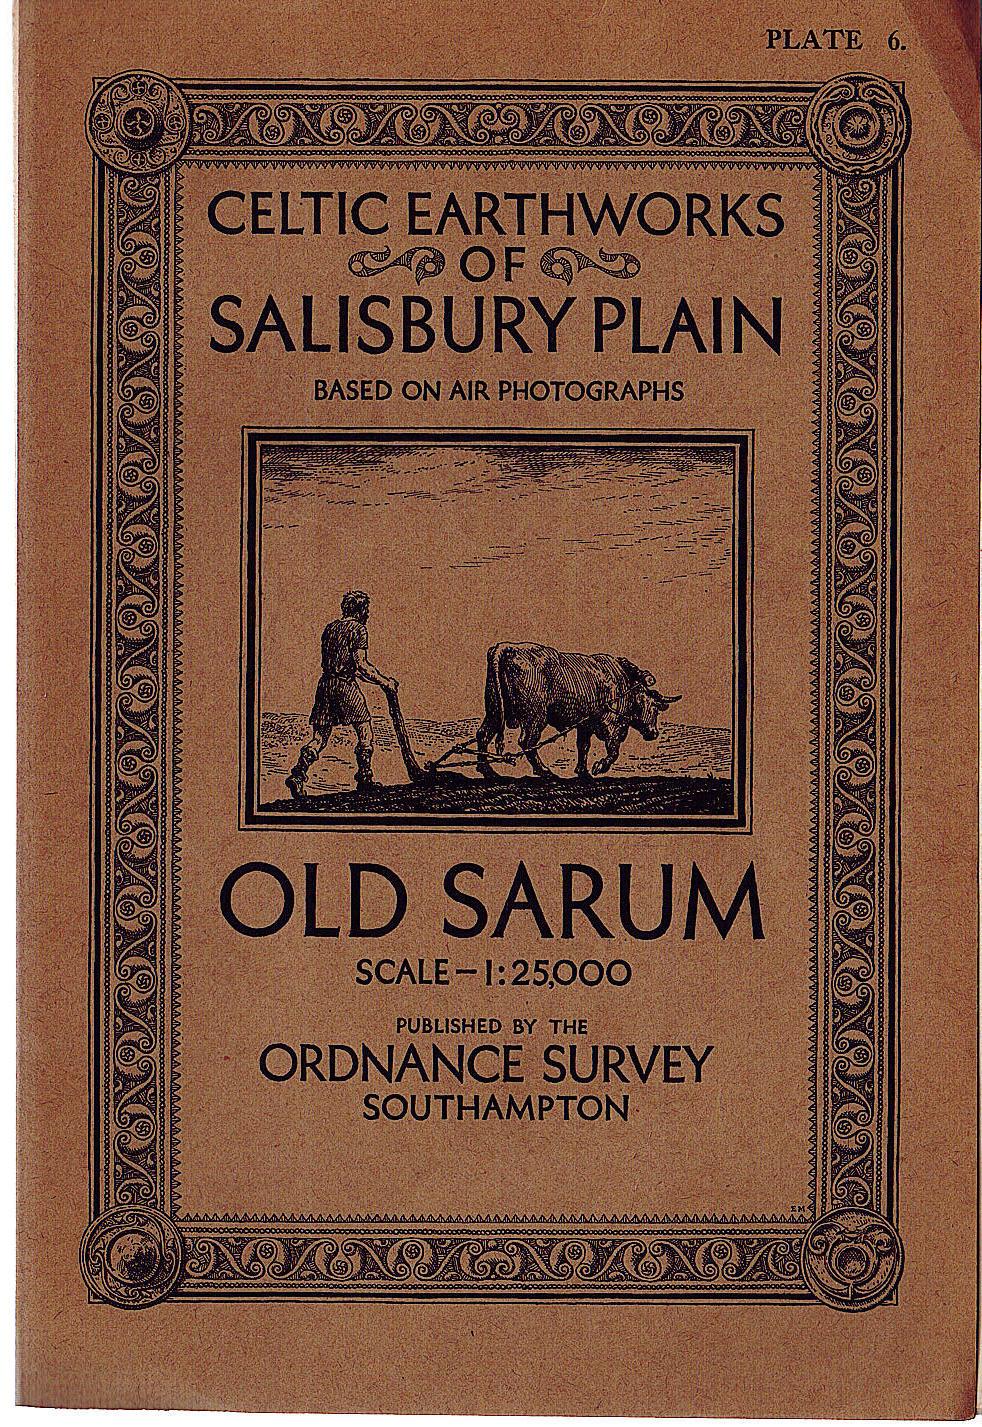 Celtic earthworks of salisbury plain OLD SARUM 191